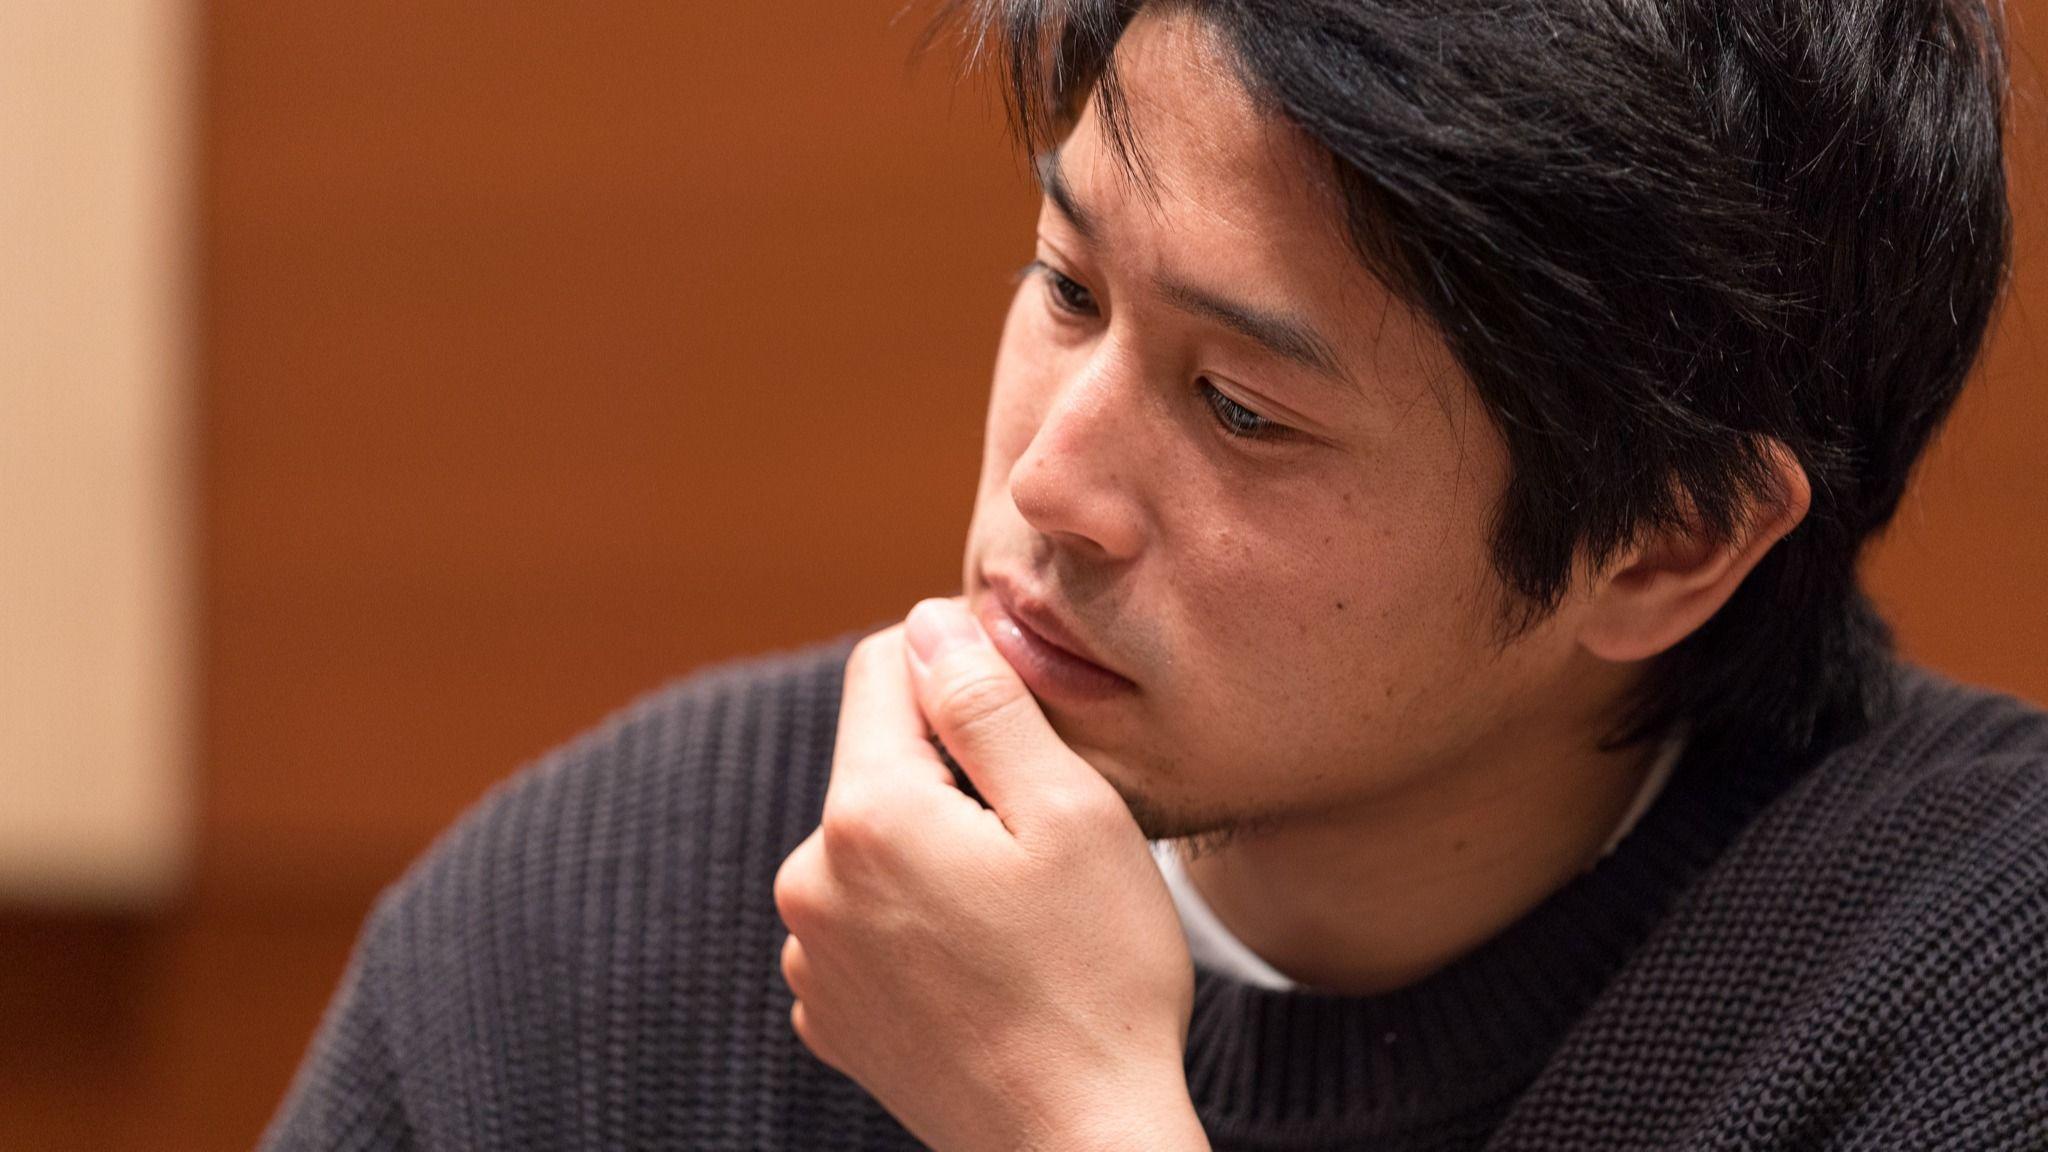 内田篤人が明かす 32歳の本音 サッカー選手として 終わる年齢では